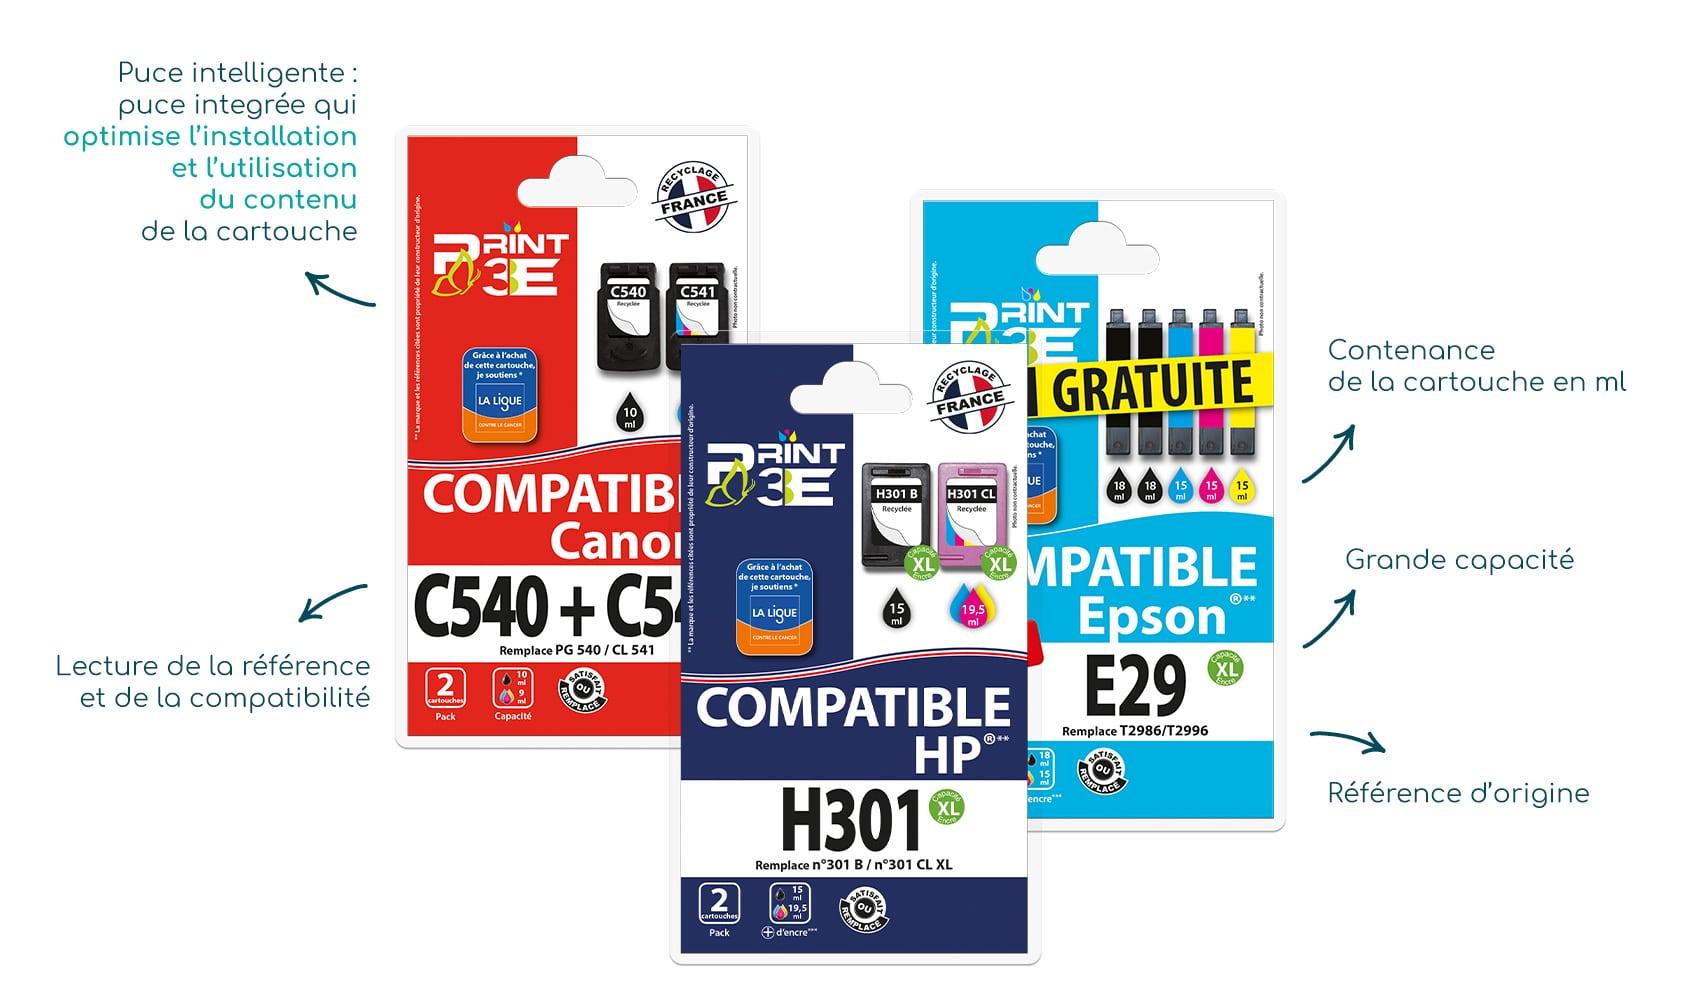 Gamme d'encre compatible Print3E - SRDi